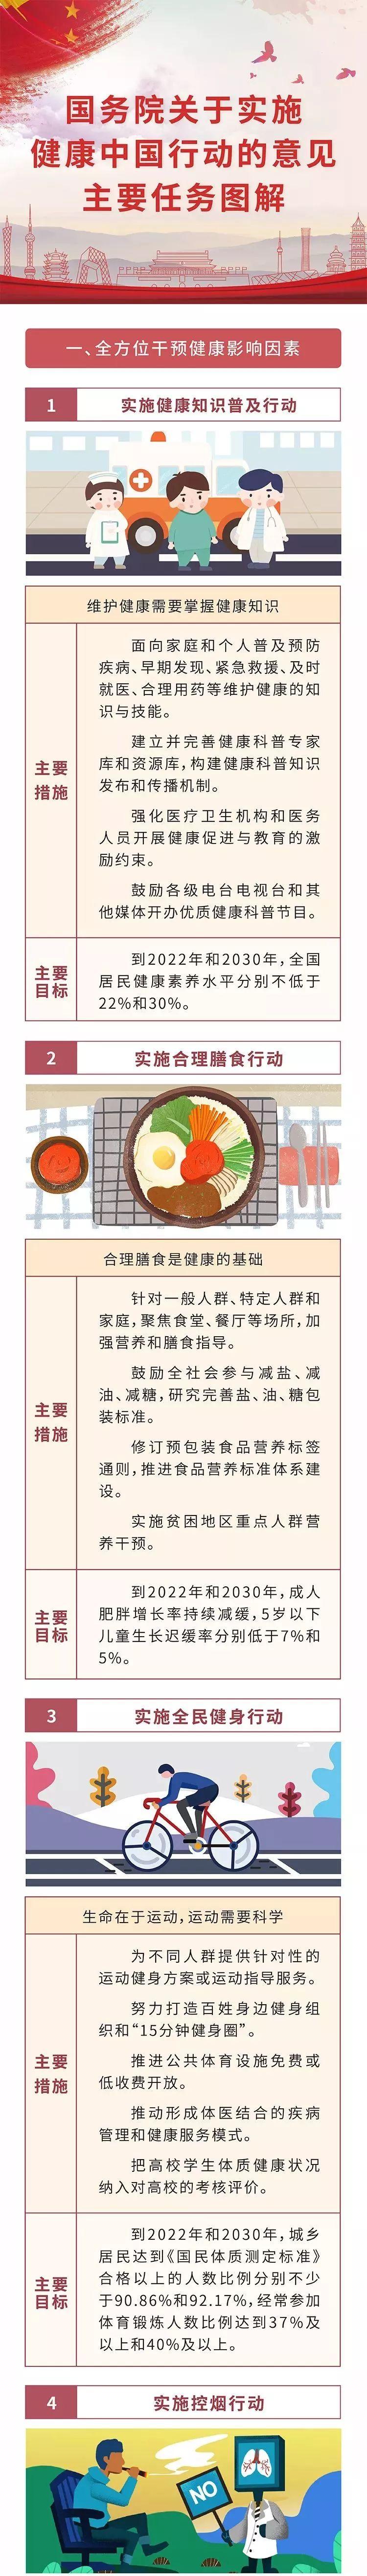 """[【一图读懂】国务院关于实施""""健康中国行动的意见""""主要任务图解]"""